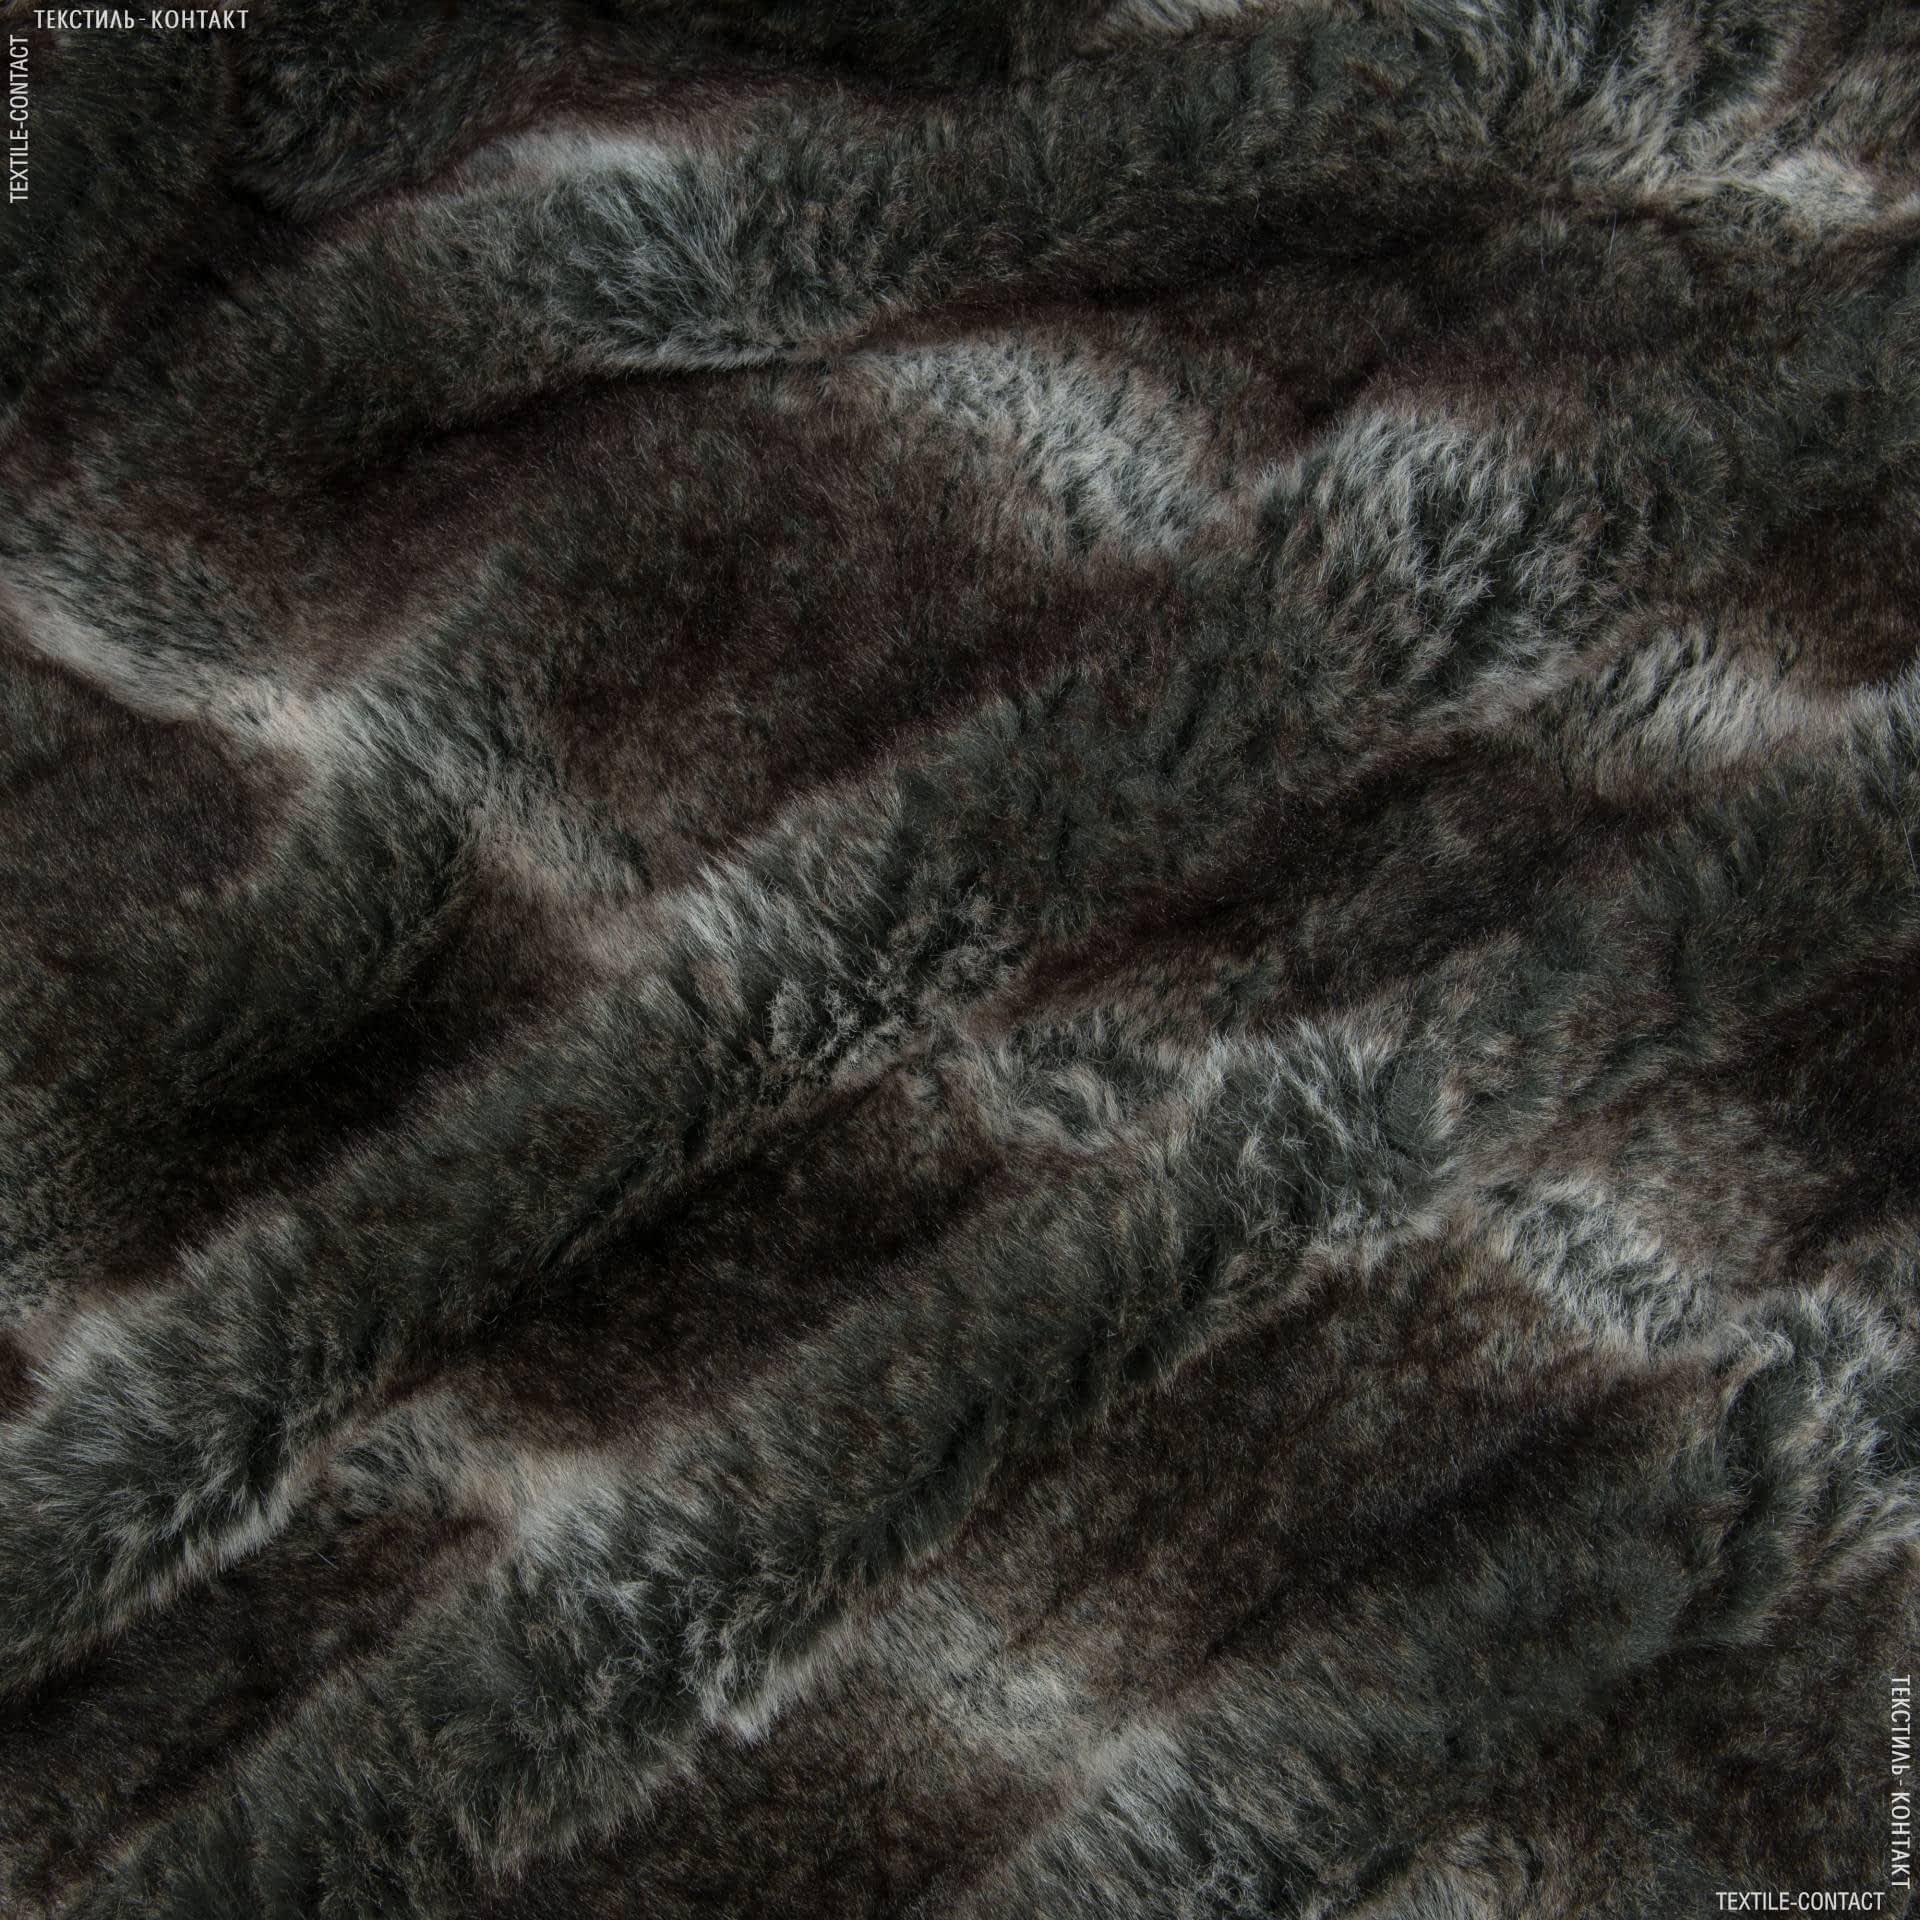 Ткани для верхней одежды - Мех искусственный шубный